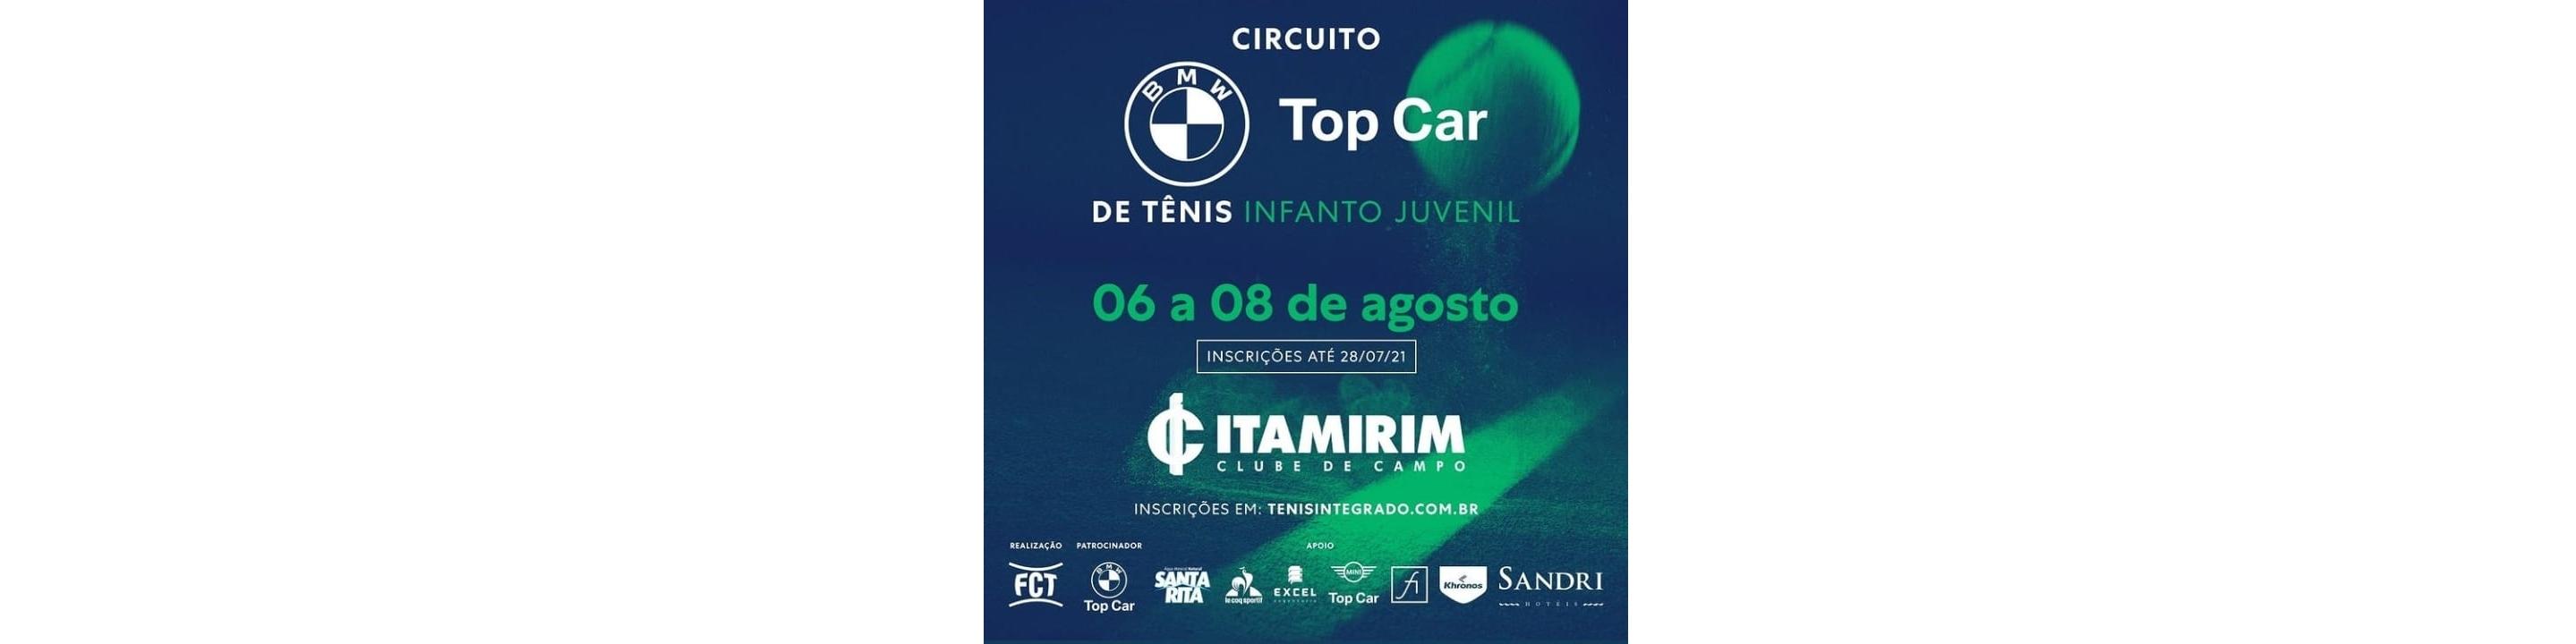 INSCRIÇÕES ABERTAS – CIRCUITO BMW TOP CAR DE TÊNIS INFANTO JUVENIL (4ª ETAPA FCT)